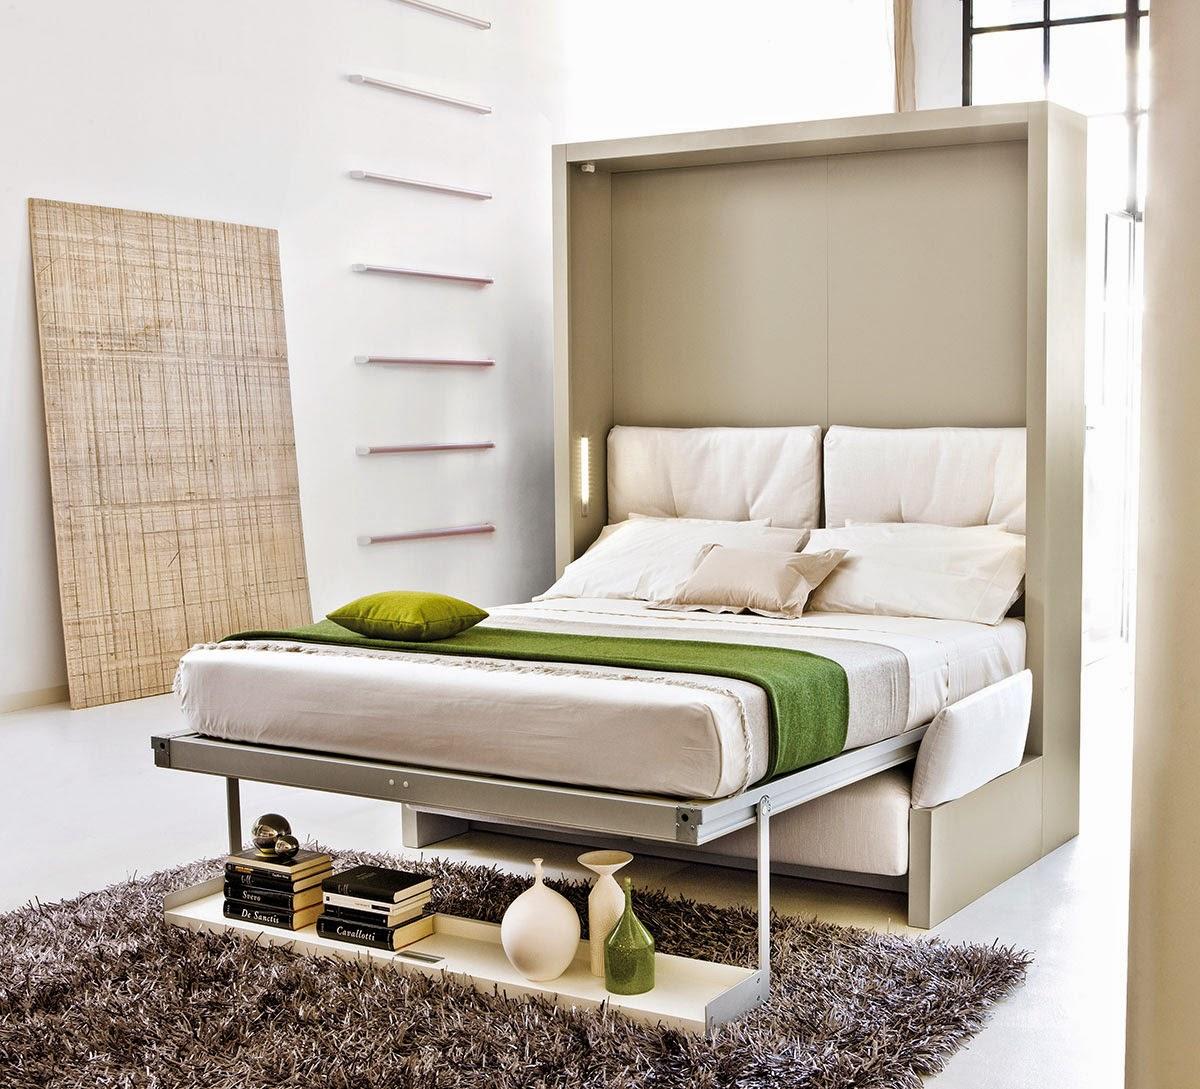 سرير جداري يمكن تحويله إلى أريكة